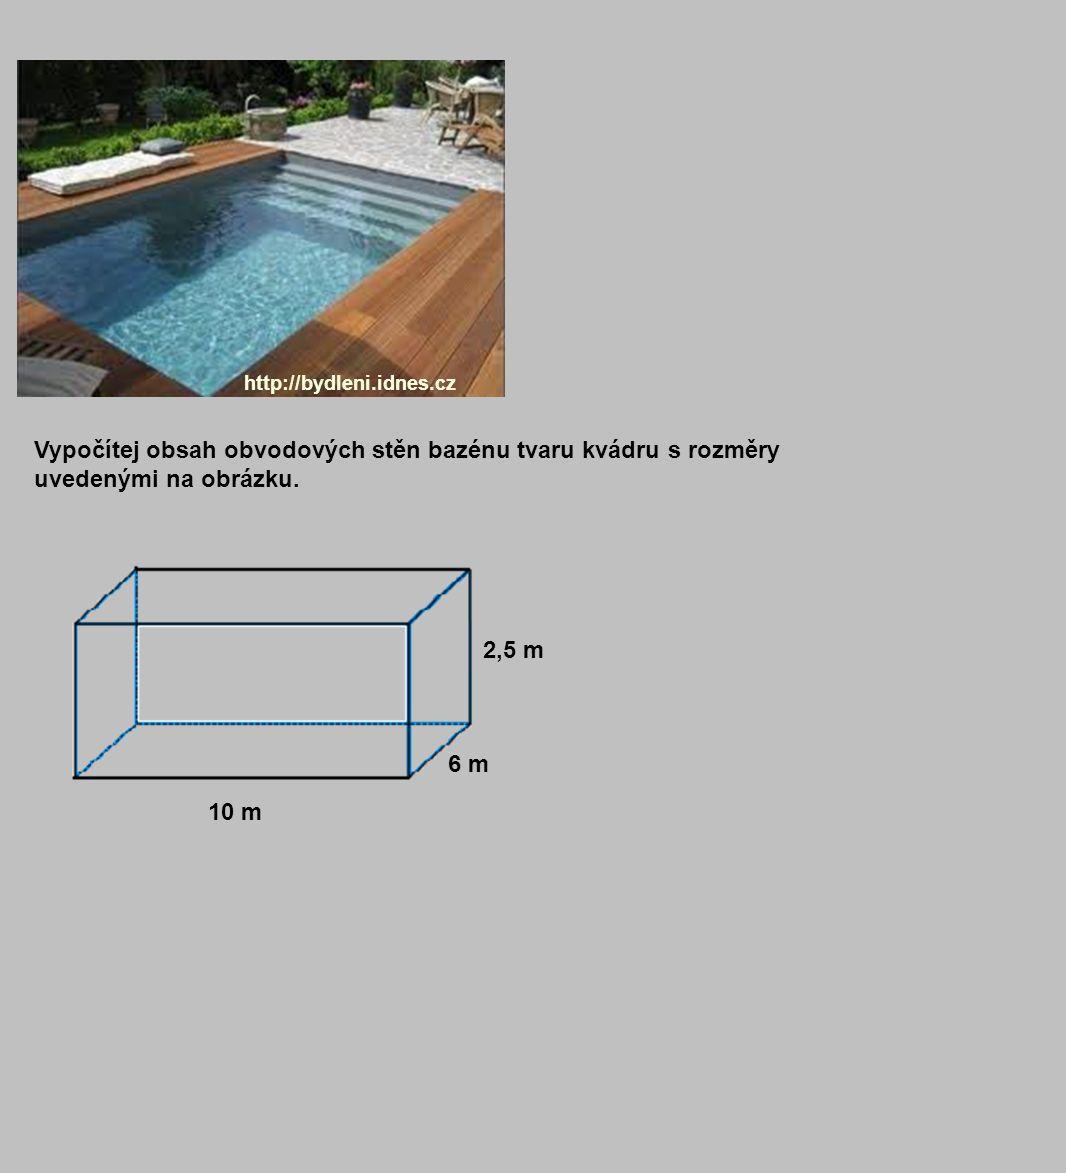 http://bydleni.idnes.cz Vypočítej obsah obvodových stěn bazénu tvaru kvádru s rozměry uvedenými na obrázku.